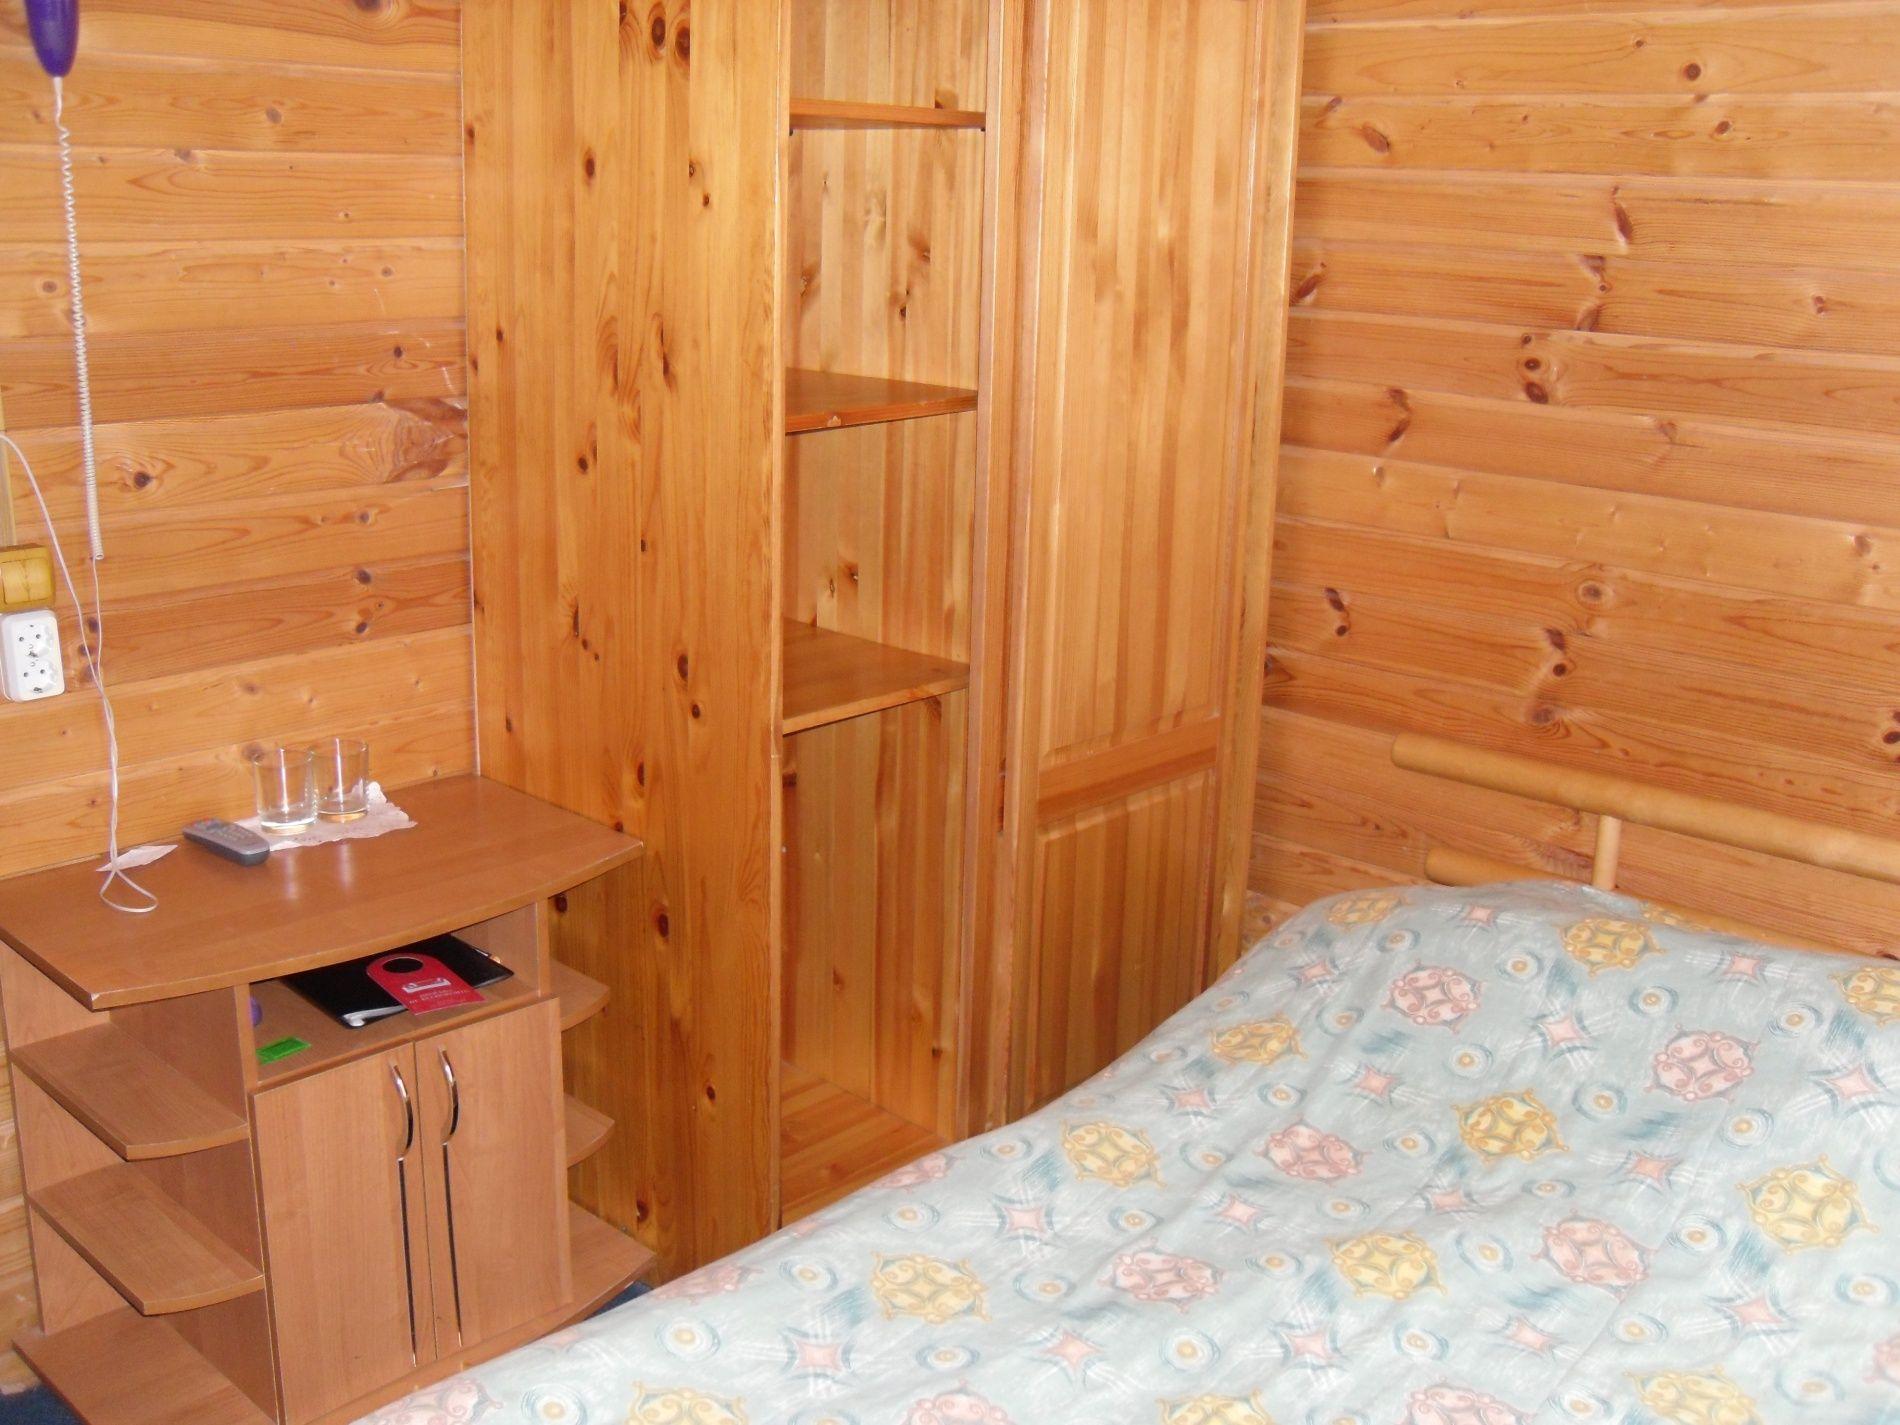 Туристический комплекс «Мирная Пристань» Ивановская область 1-комнатный номер 1 категории (№ 4, 6, 19, 10), фото 6